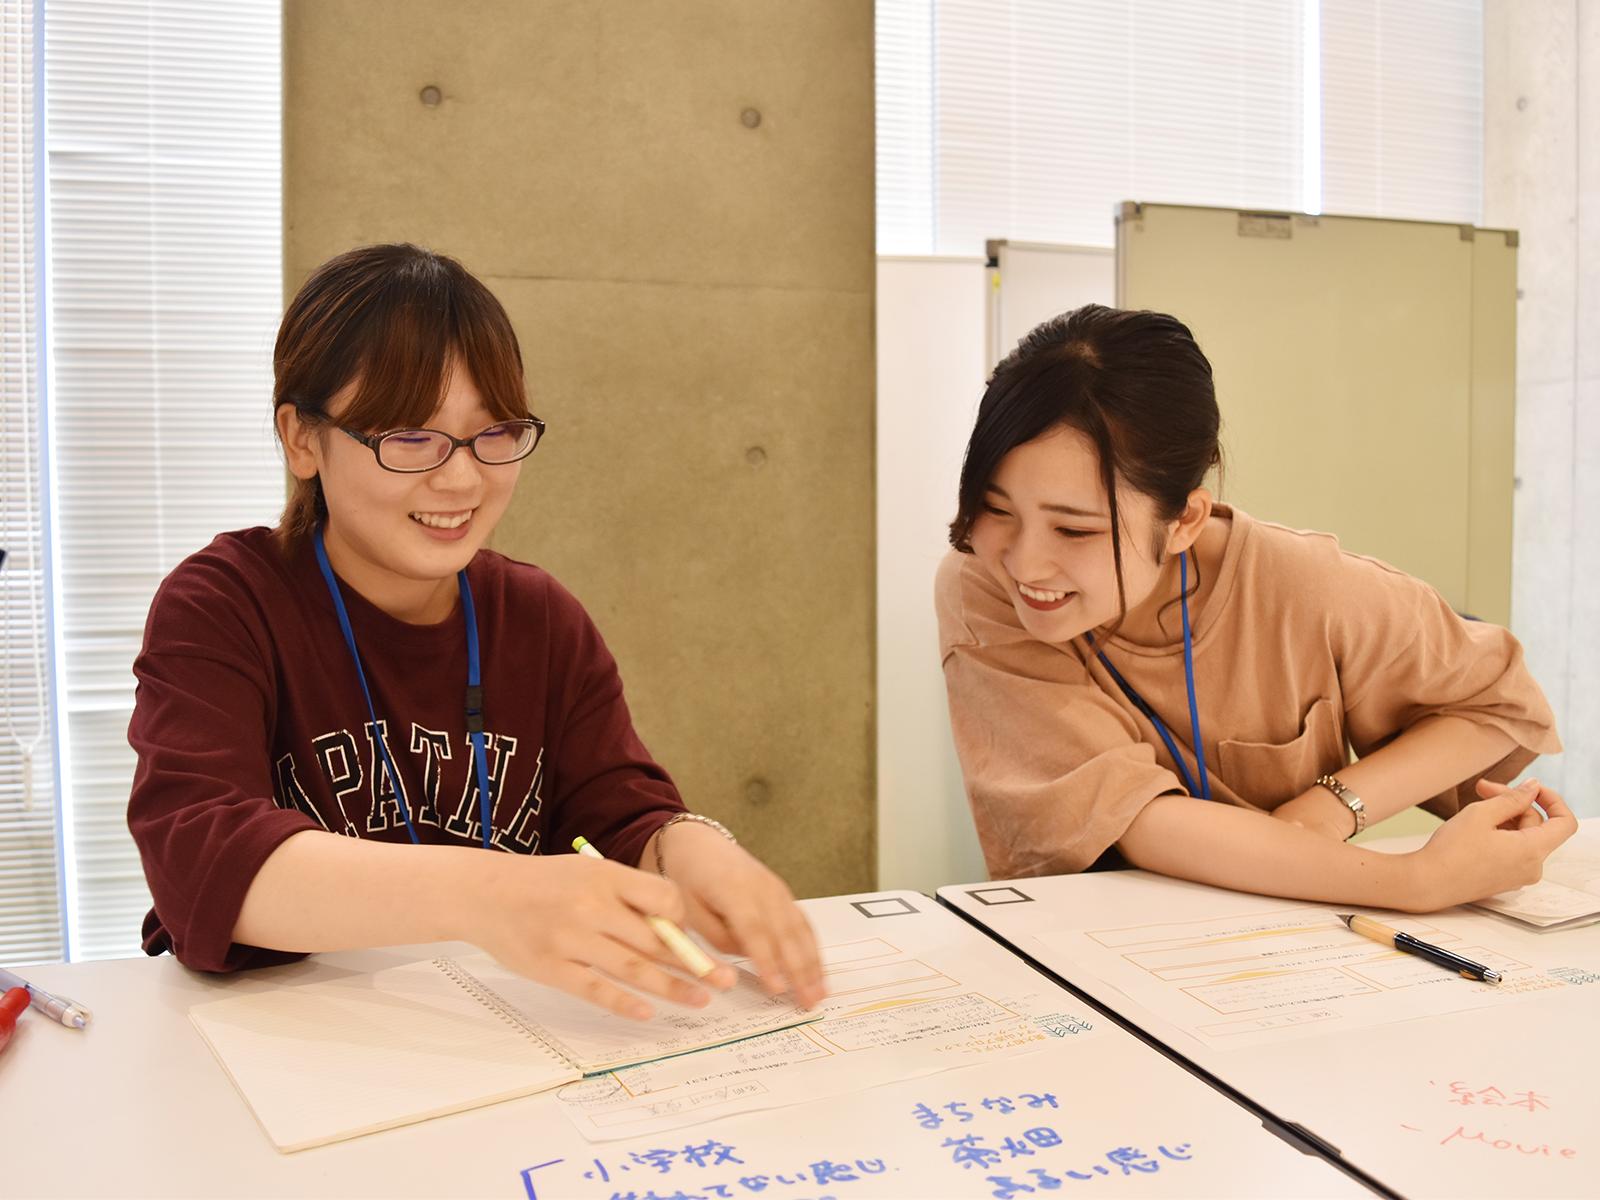 アイディア出しを重ねながら、「マイ山添村プラン」に向き合う受講生たち。